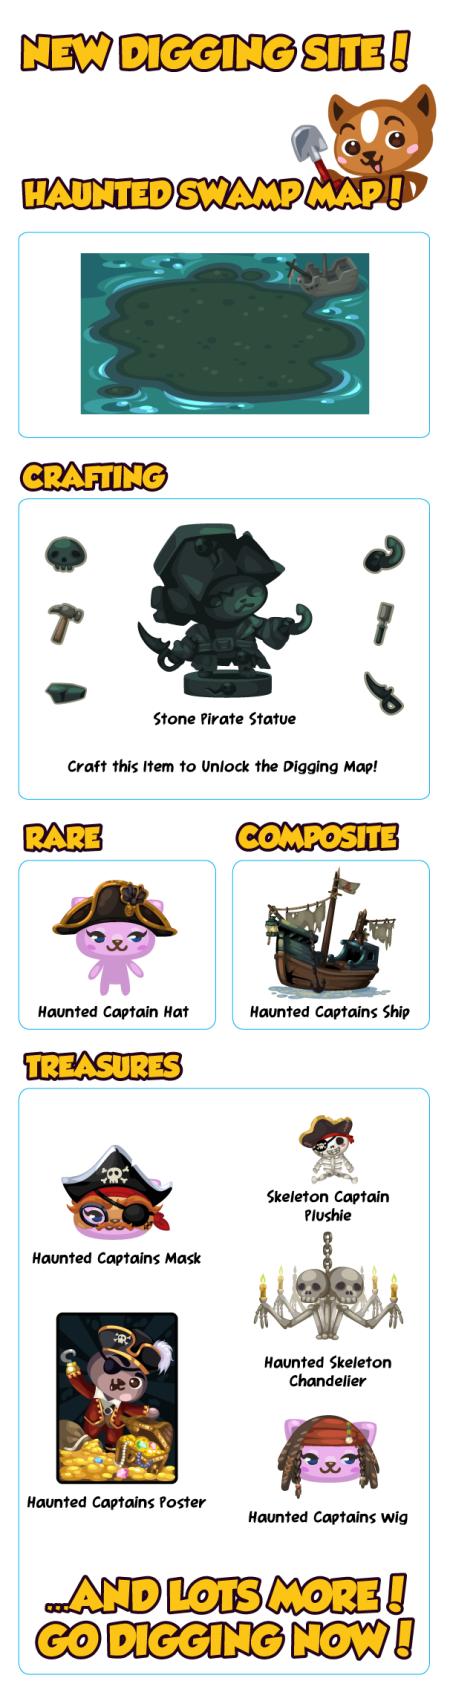 Bienvenidos al Barco Pirata Embrujado!!  Haunted-pirate-ship-digging-site-_blog